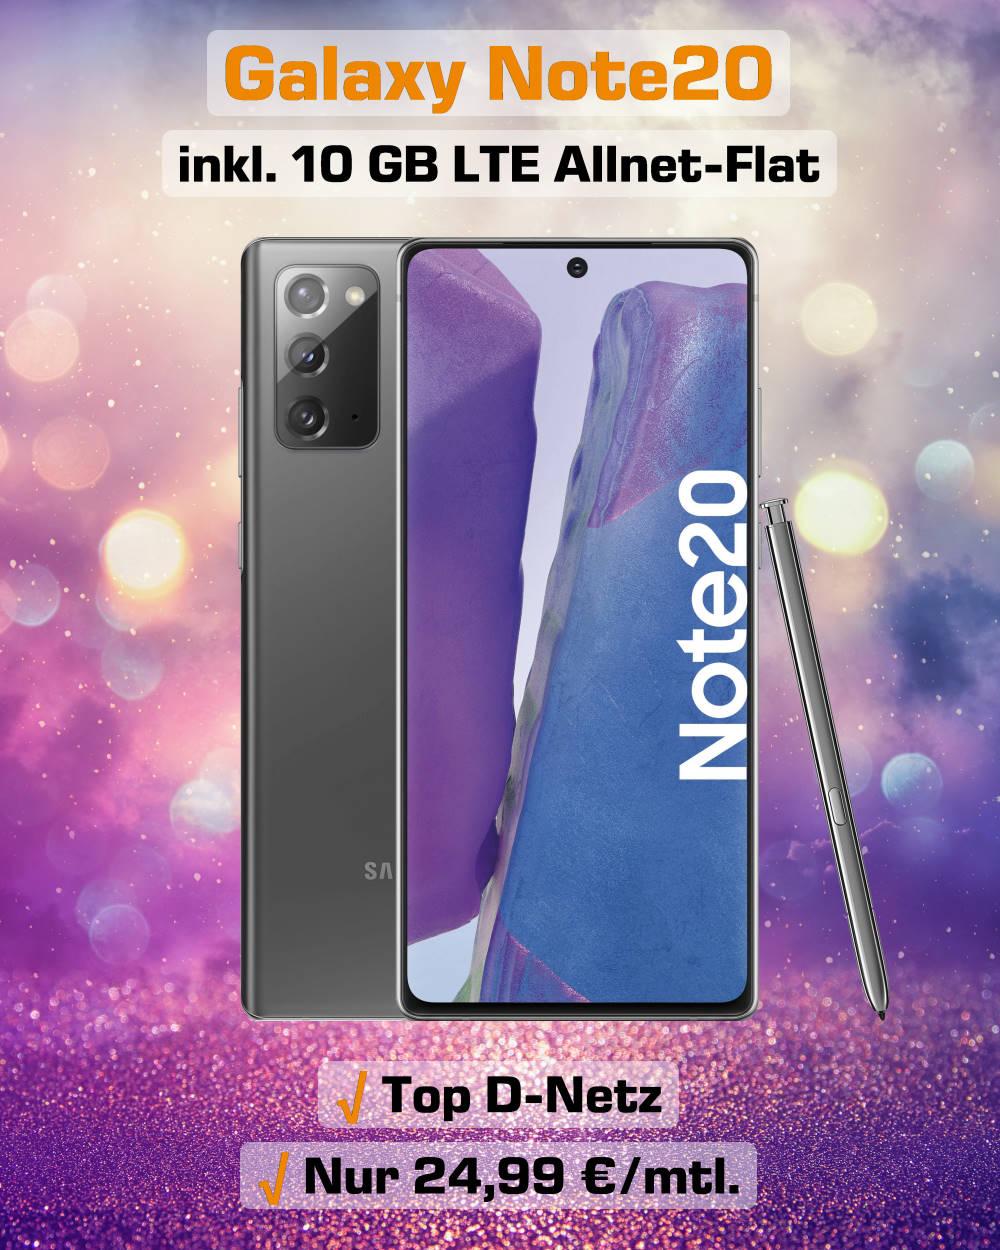 Galaxy Note20 mit10 GB LTE Allnet-Flat im Top D-Netz zum absoluten Bestpreis